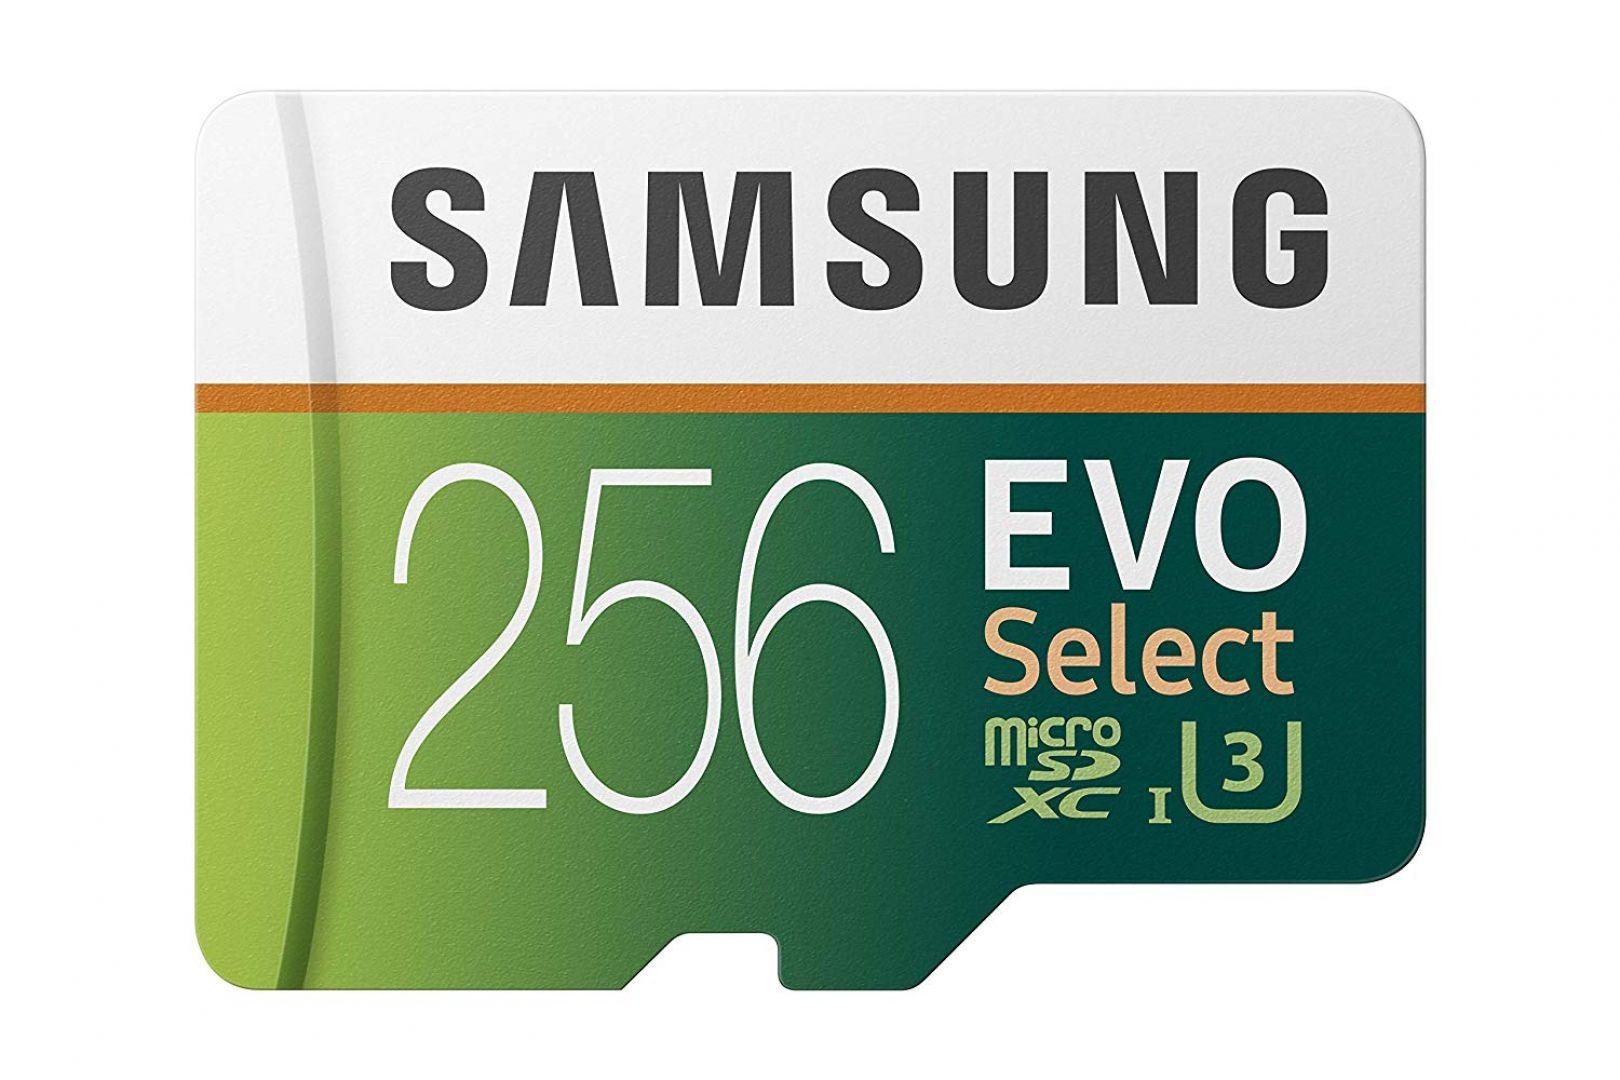 Samsung MB-ME256GA/AM product image.